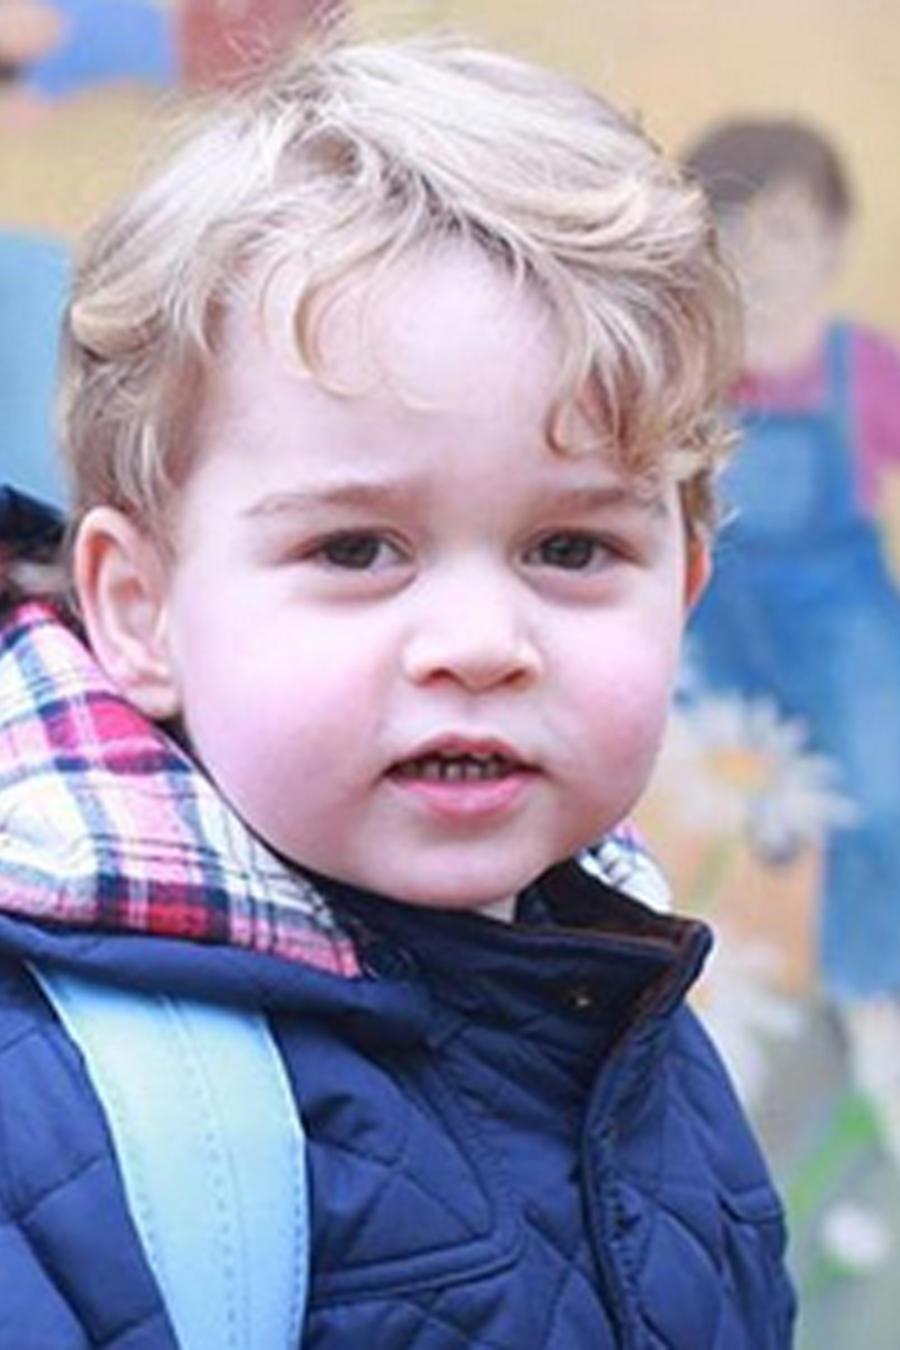 Príncipe George en la escuela